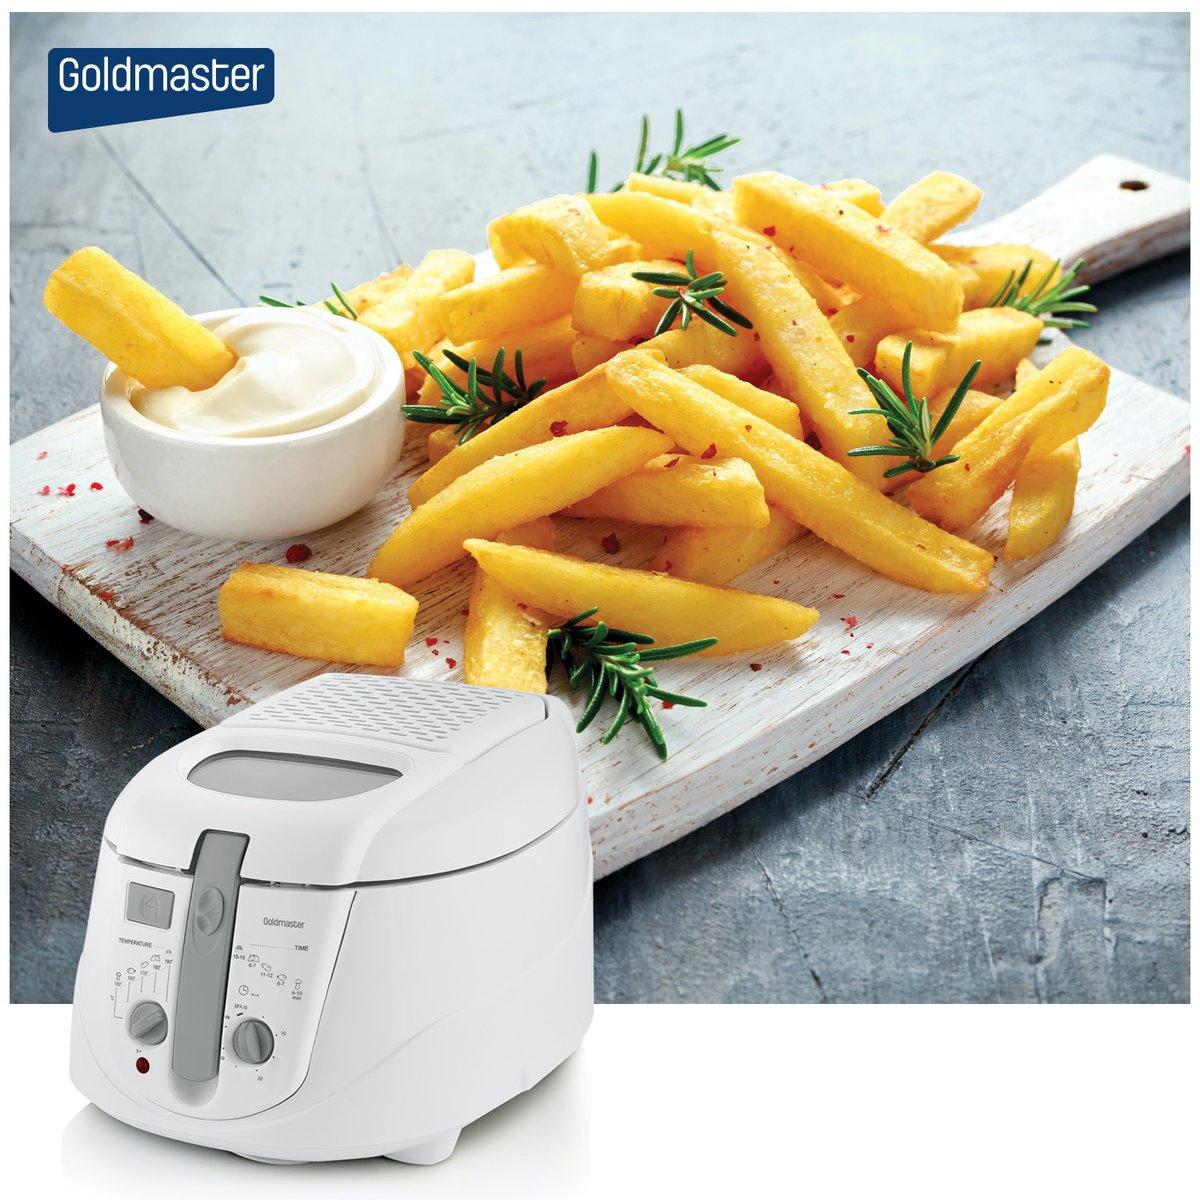 Patates kızartması seven arkadaşını tahmin et, etiketle! 🍟  #goldmaster #çıtır #patates #potatoes #mutfak #ev #anne #kadın #patateskızartması #kahvaltı #kampanya #indirim #fırsat #campaign #sale https://t.co/x8jJfOksv0